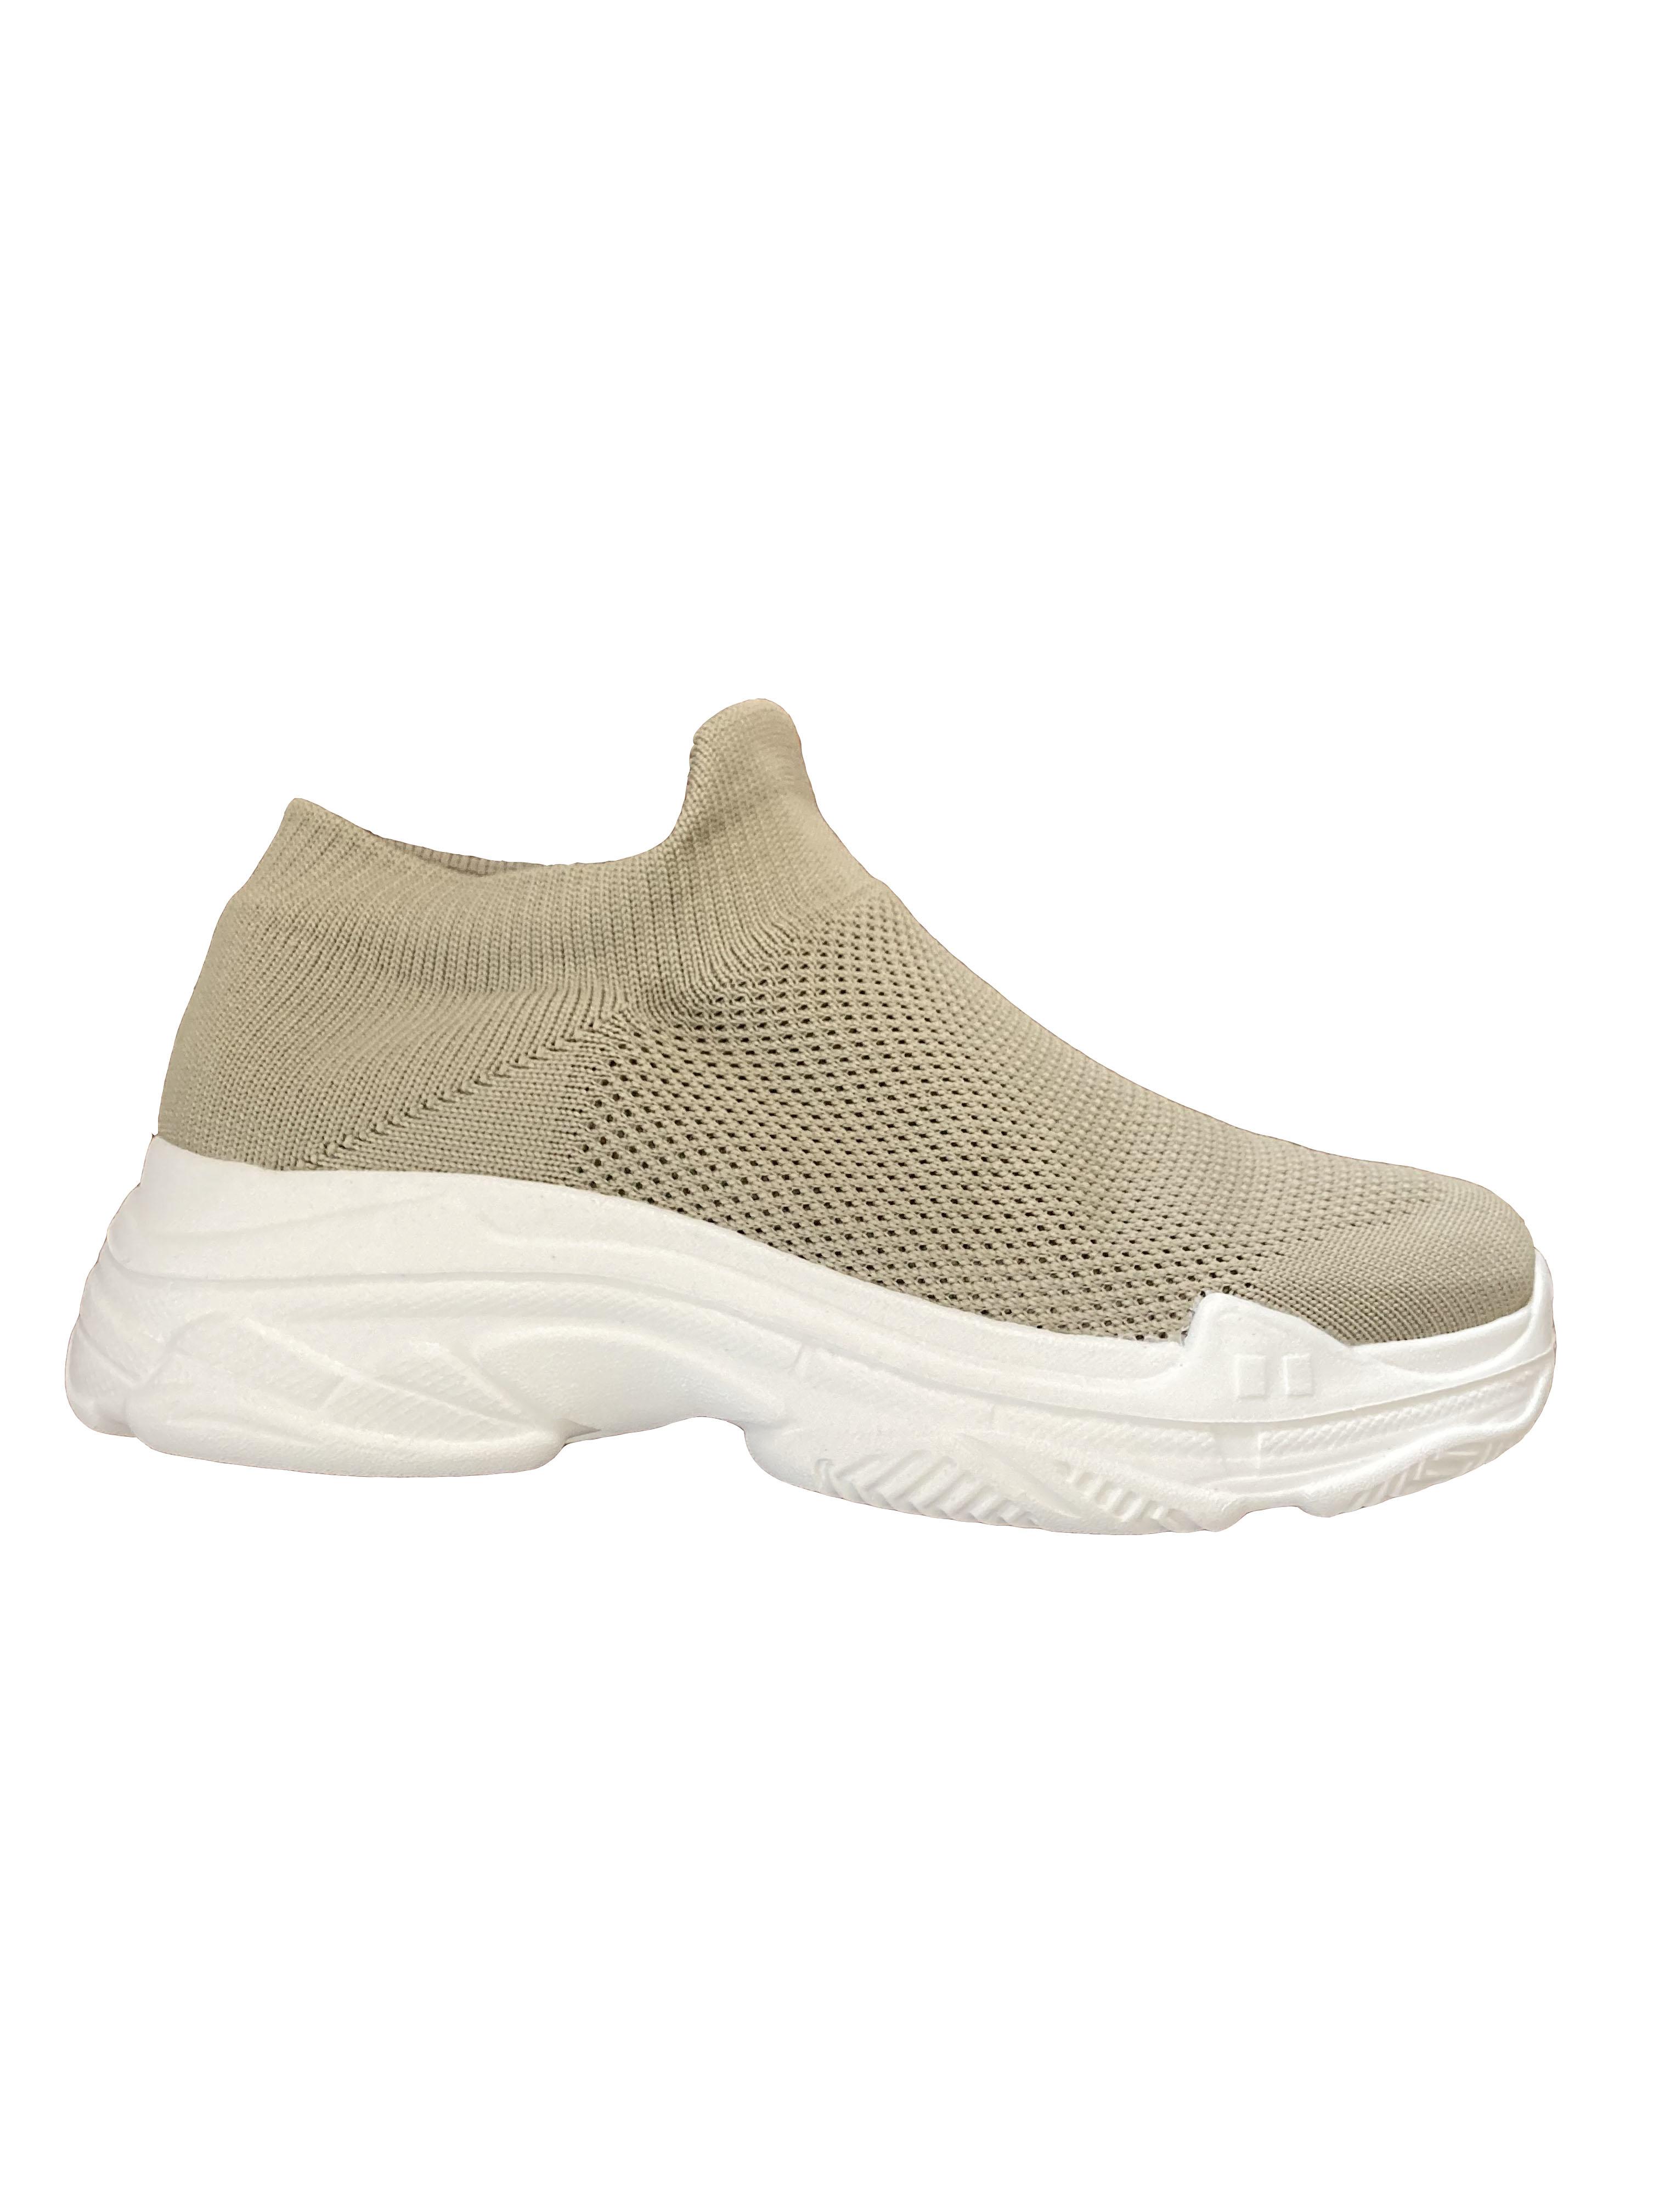 Ida - Chunky Sock Sneaker Beige